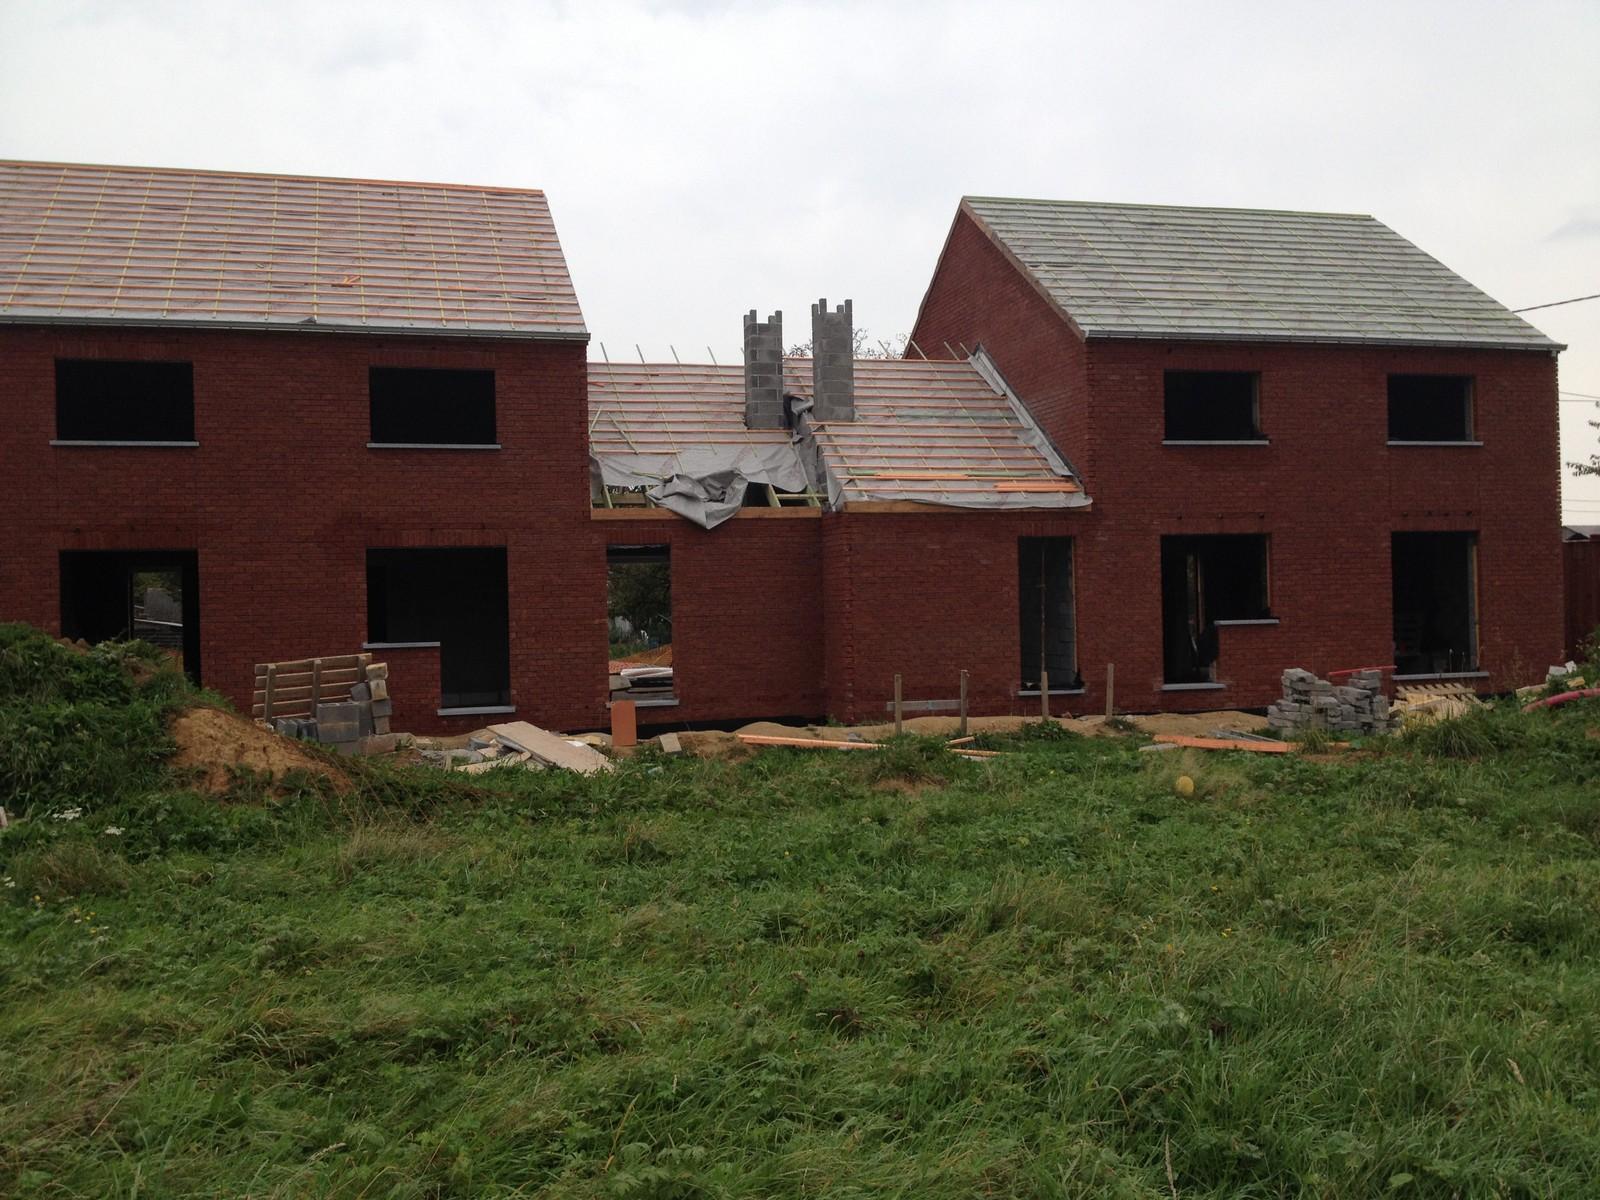 nouvelles photos des constructions de lobbes 29 09 14 conseil b le financement participatif. Black Bedroom Furniture Sets. Home Design Ideas